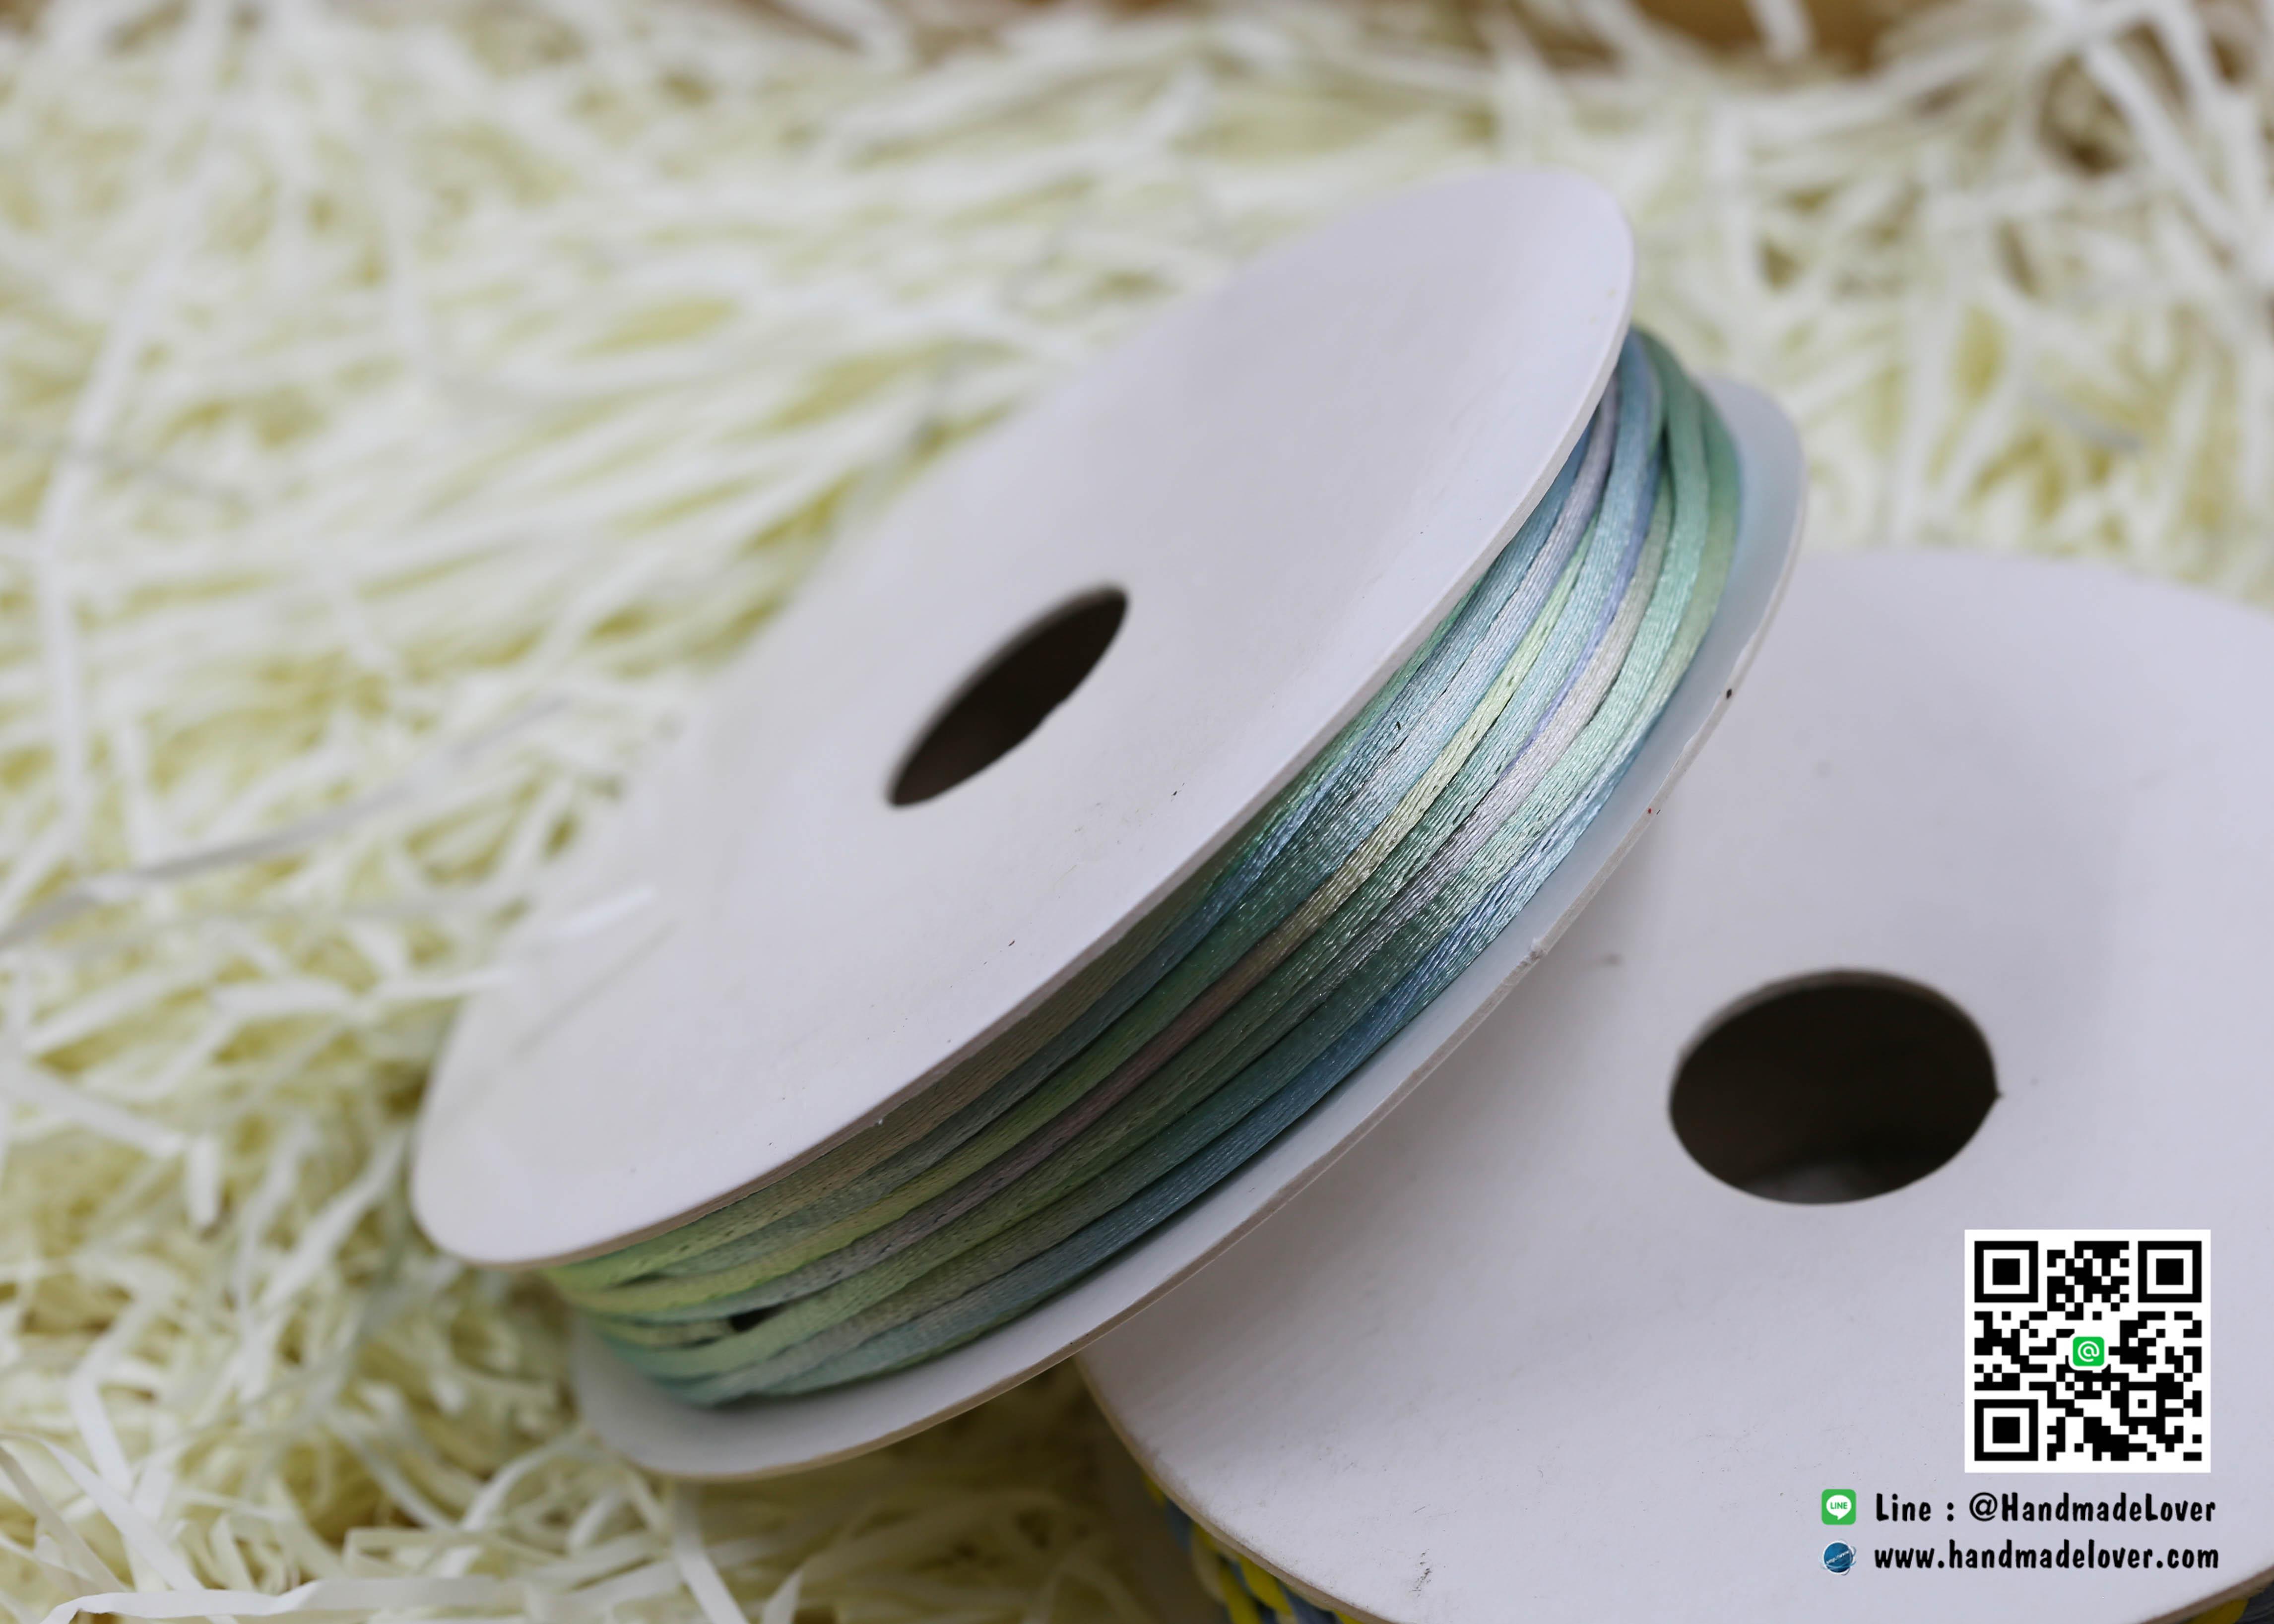 เชือกหางหนู สีรุ้ง [N16] ขนาด 2 มิล [อย่างดี เนื้อนุ่ม]